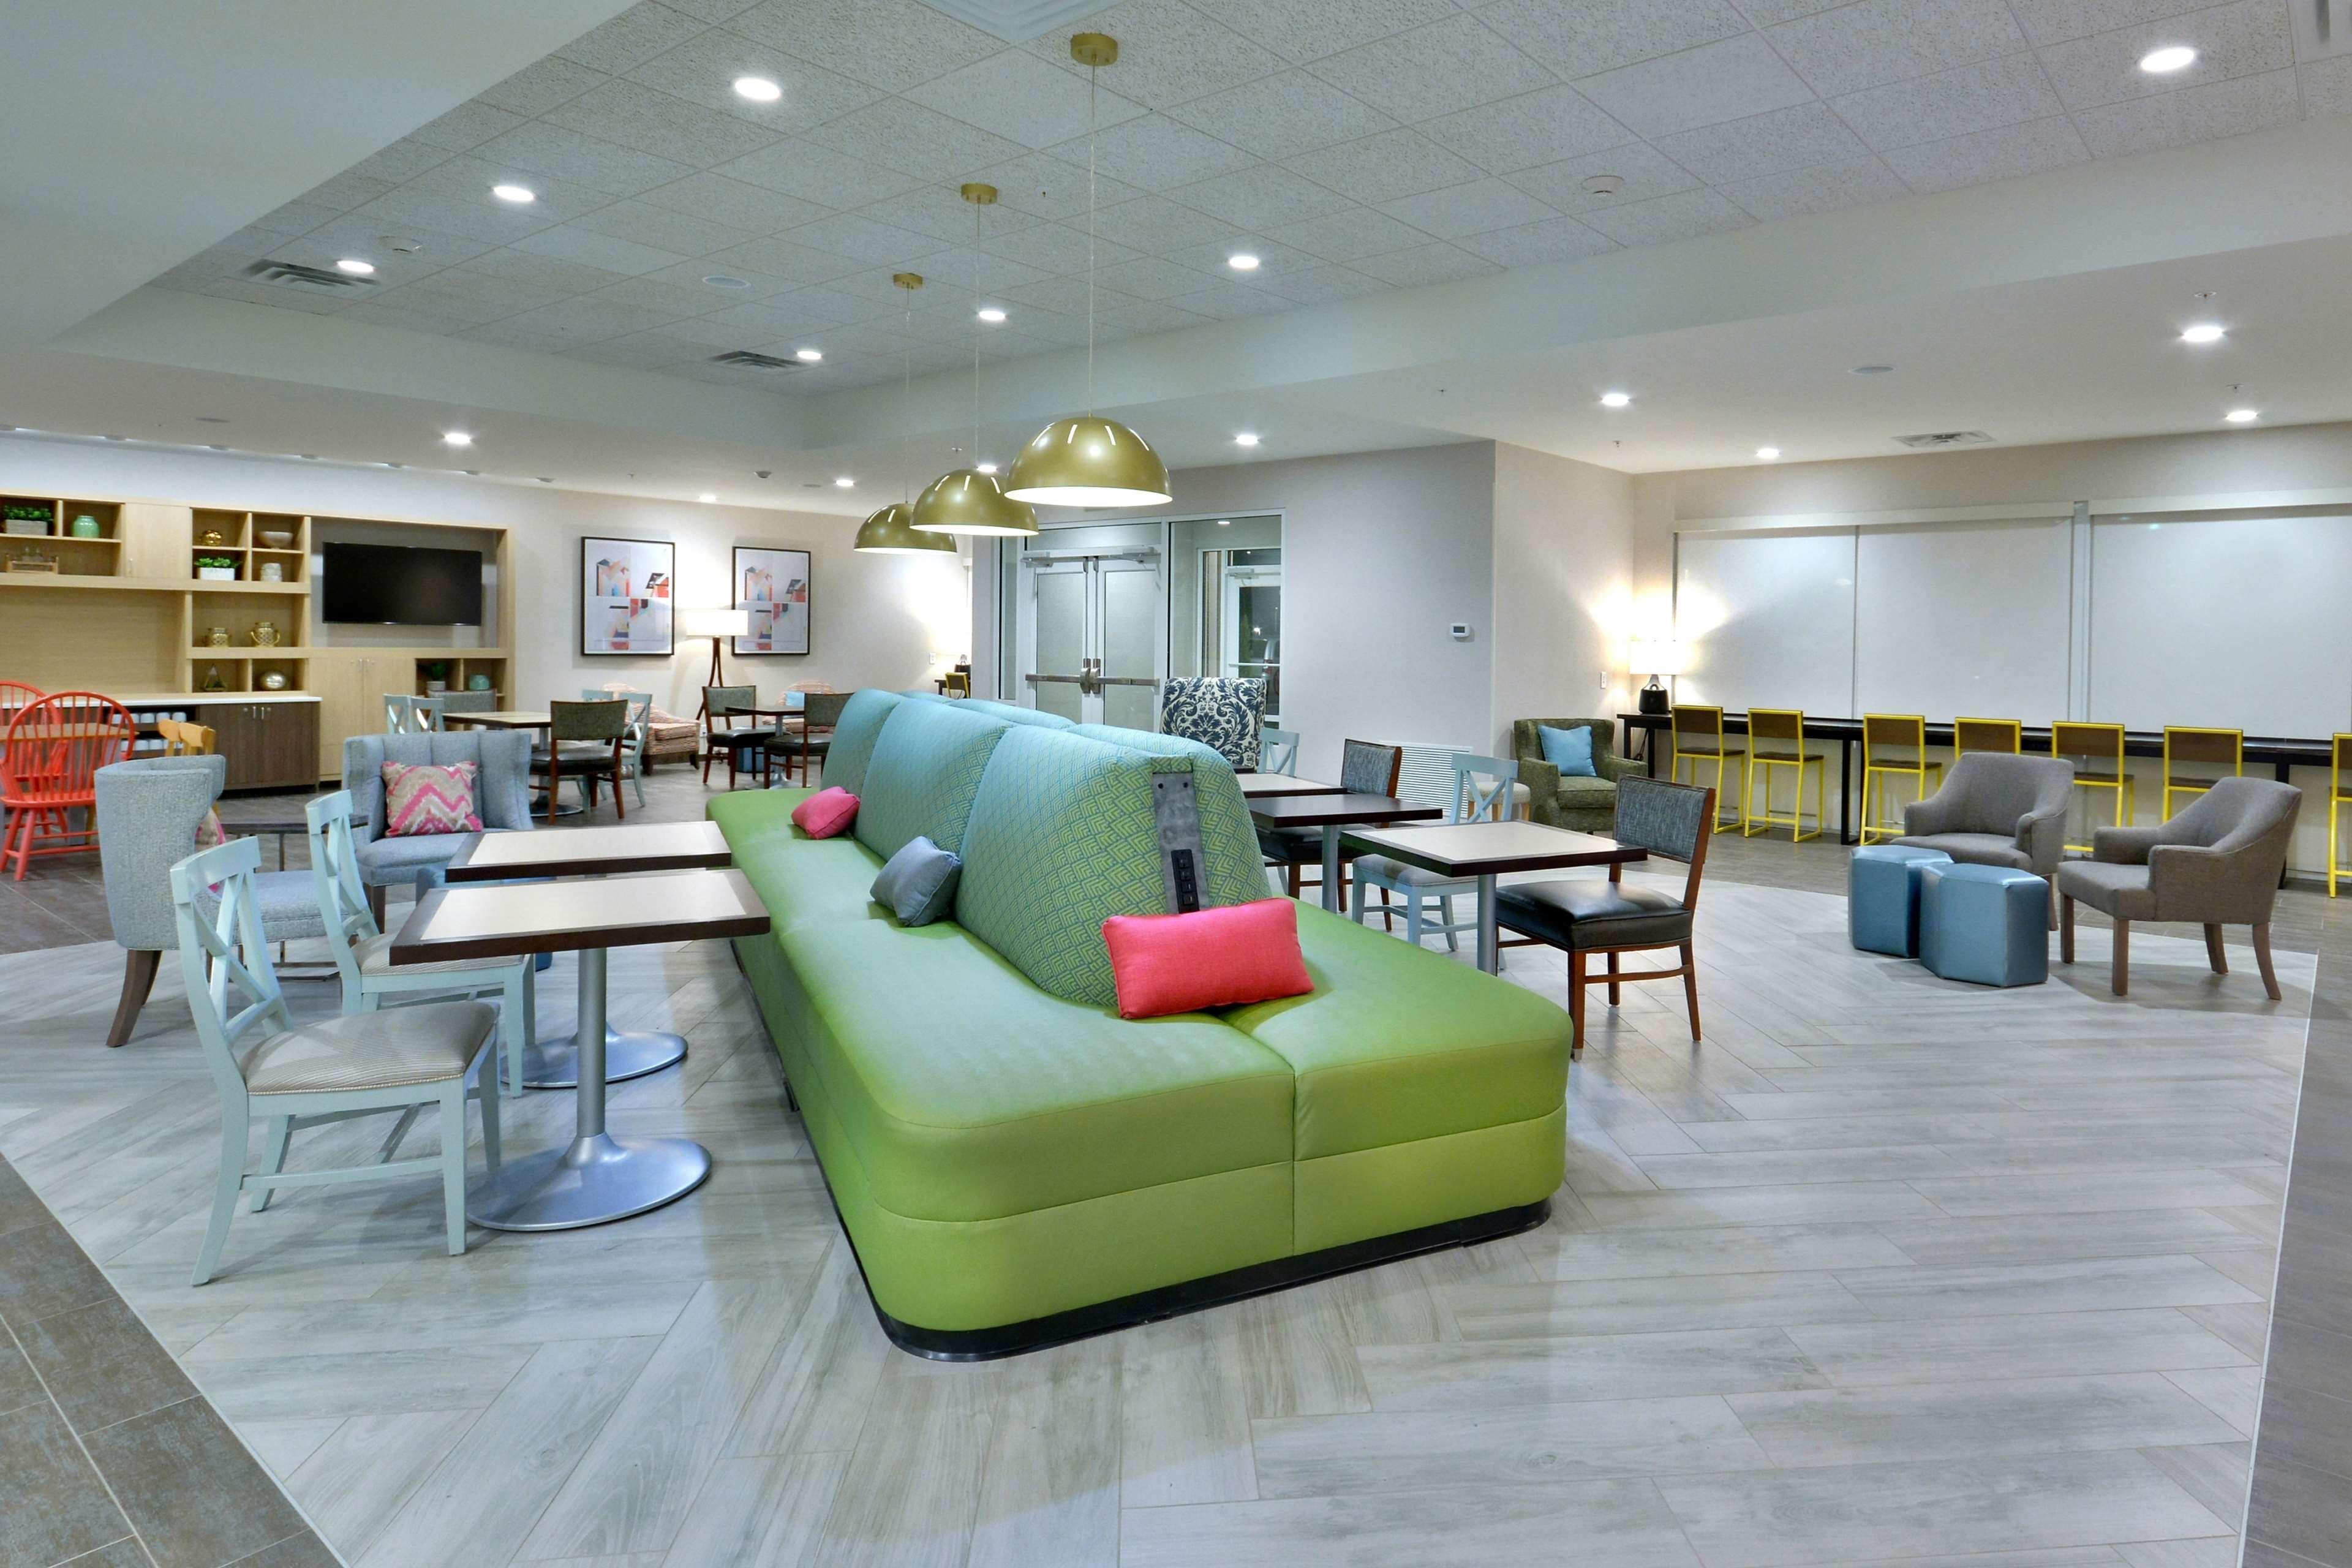 Home2 Suites by Hilton Duncan image 3